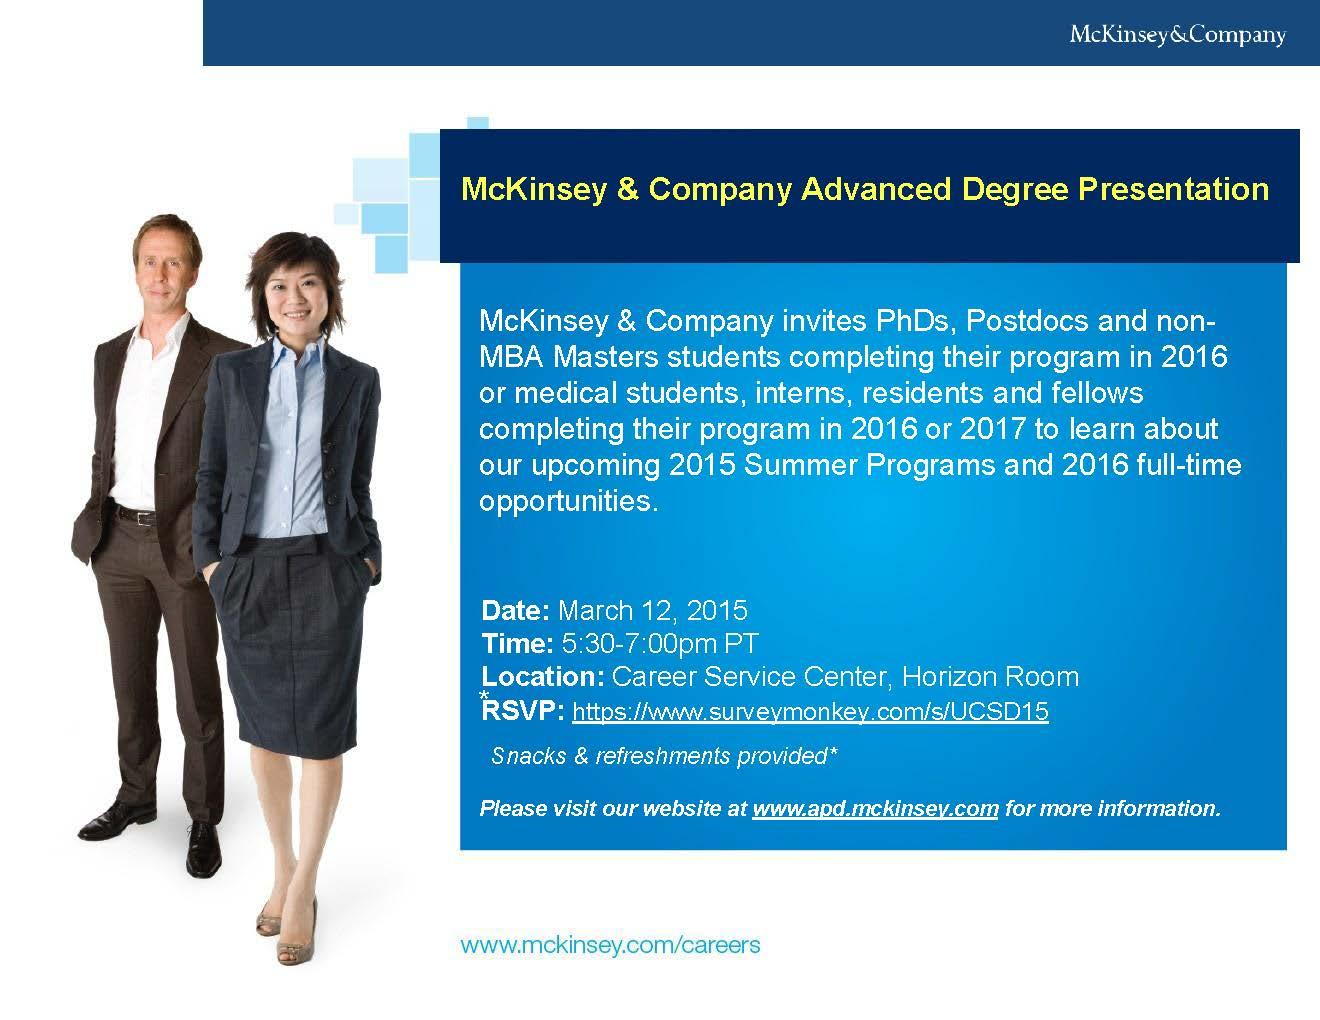 McKinsey Event Flyer